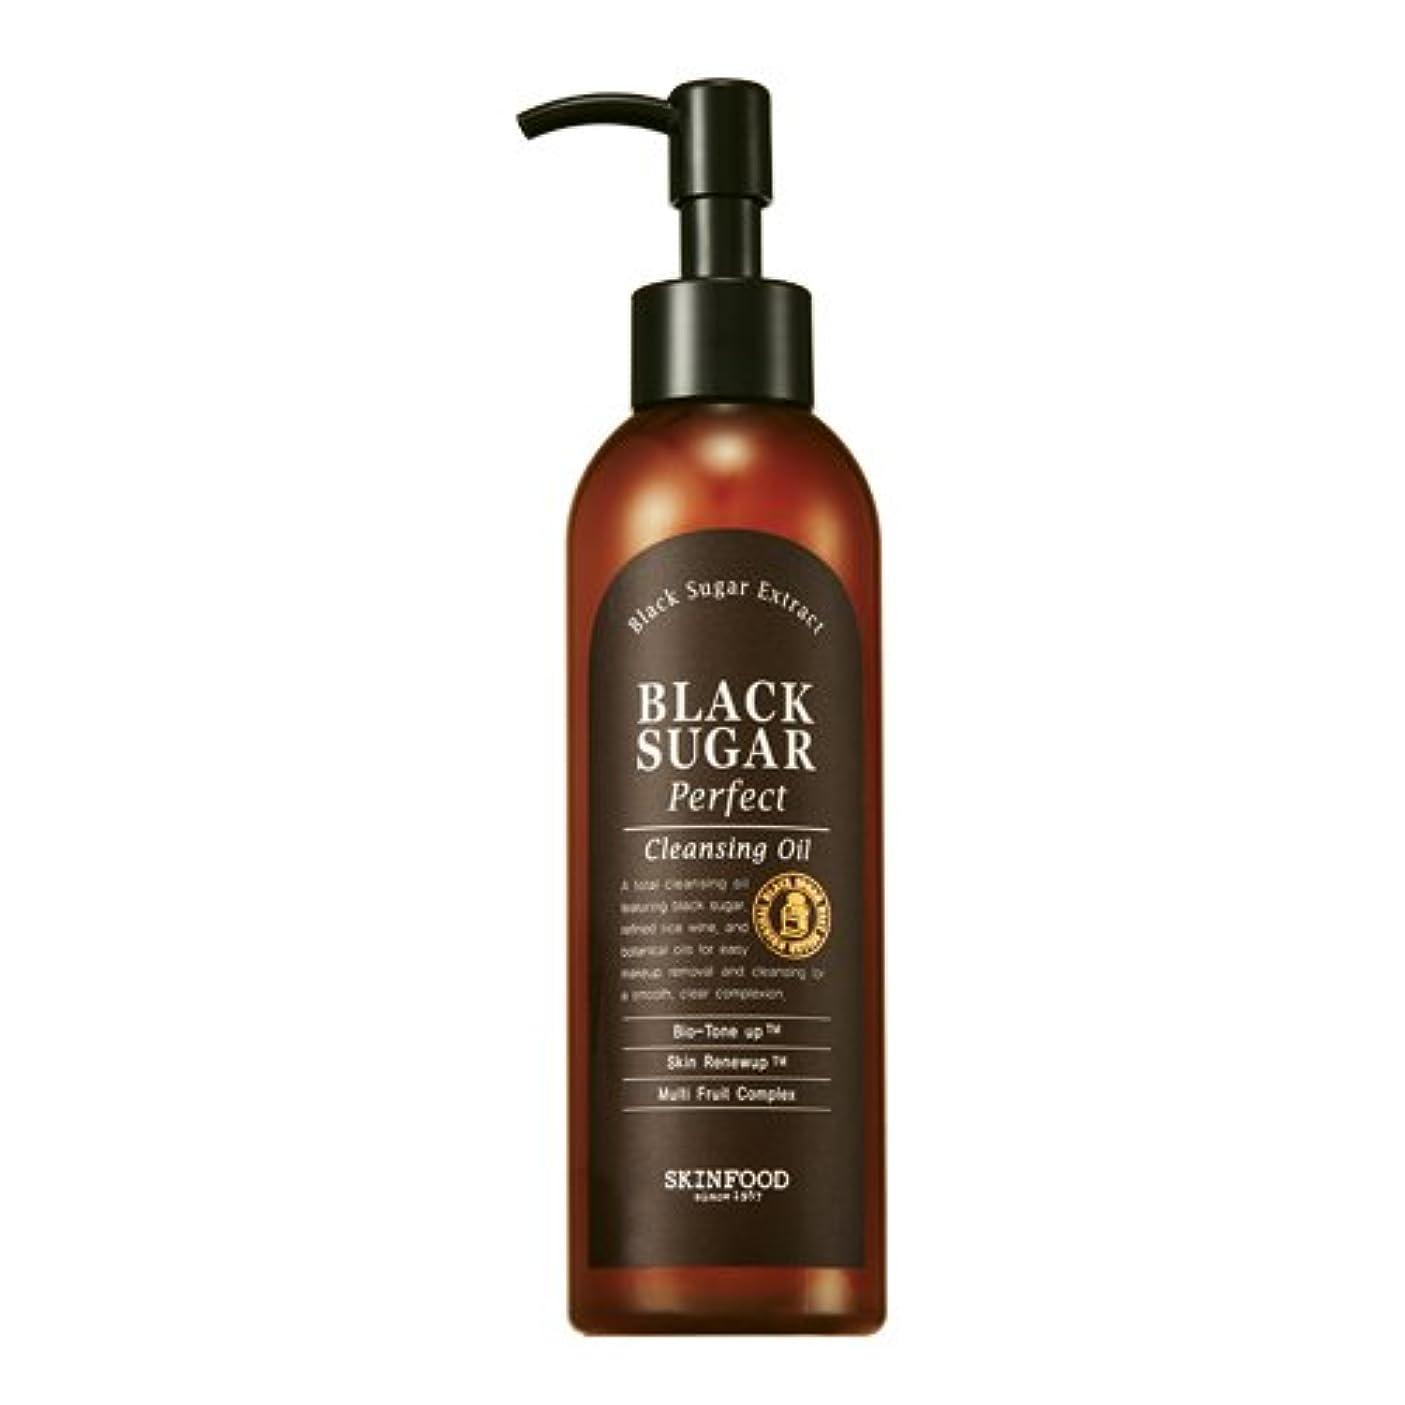 アボート突然の願望Skinfood/Black Sugar Perfect Cleansing Oil/ブラックシュガーパーフェクトクレンジングオイル/200ml [並行輸入品]